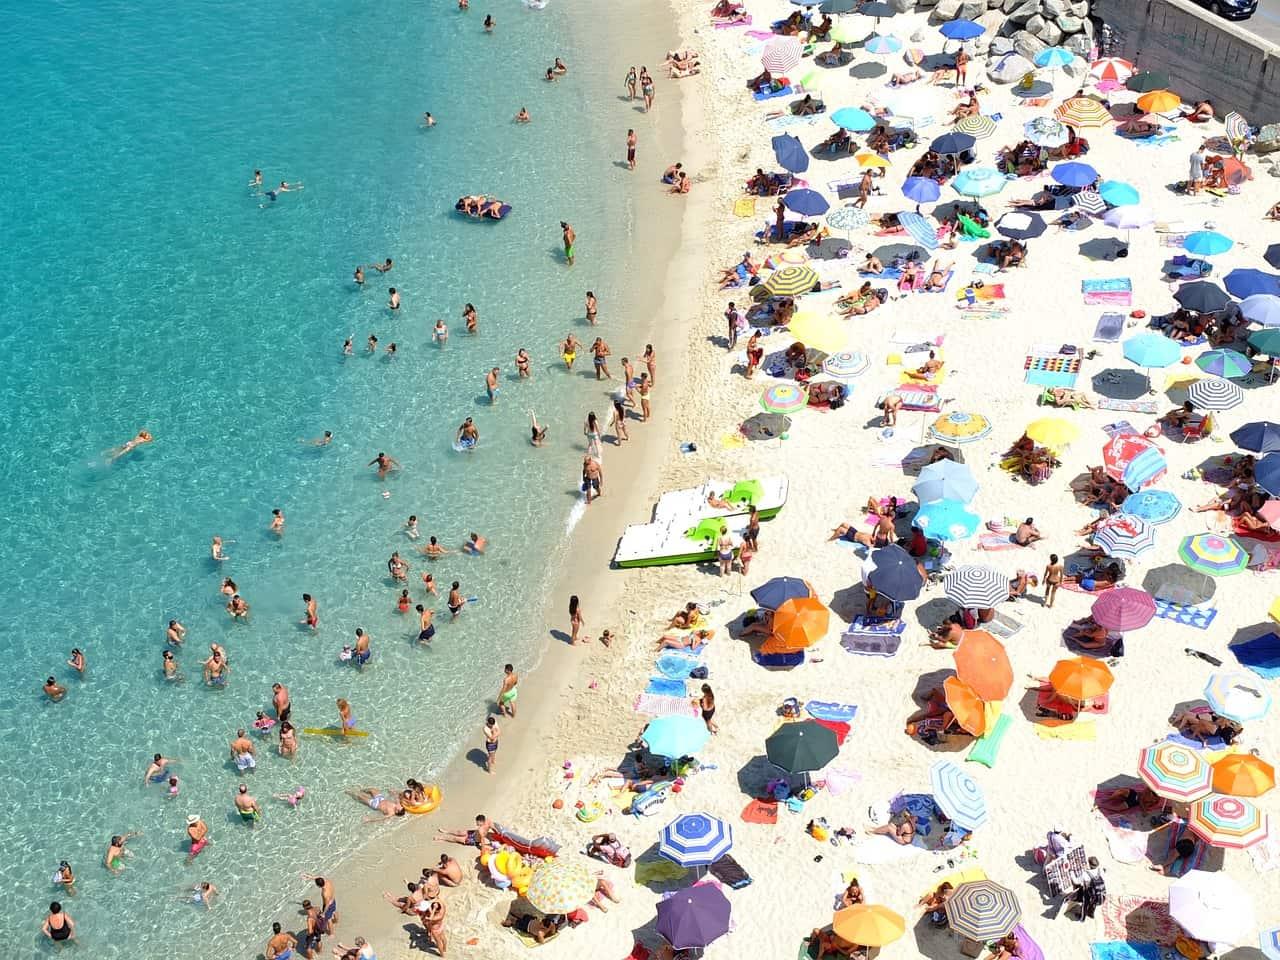 Kalabrien Urlaub nur 139,00€ 4 Sterne in Corigilano Calabro